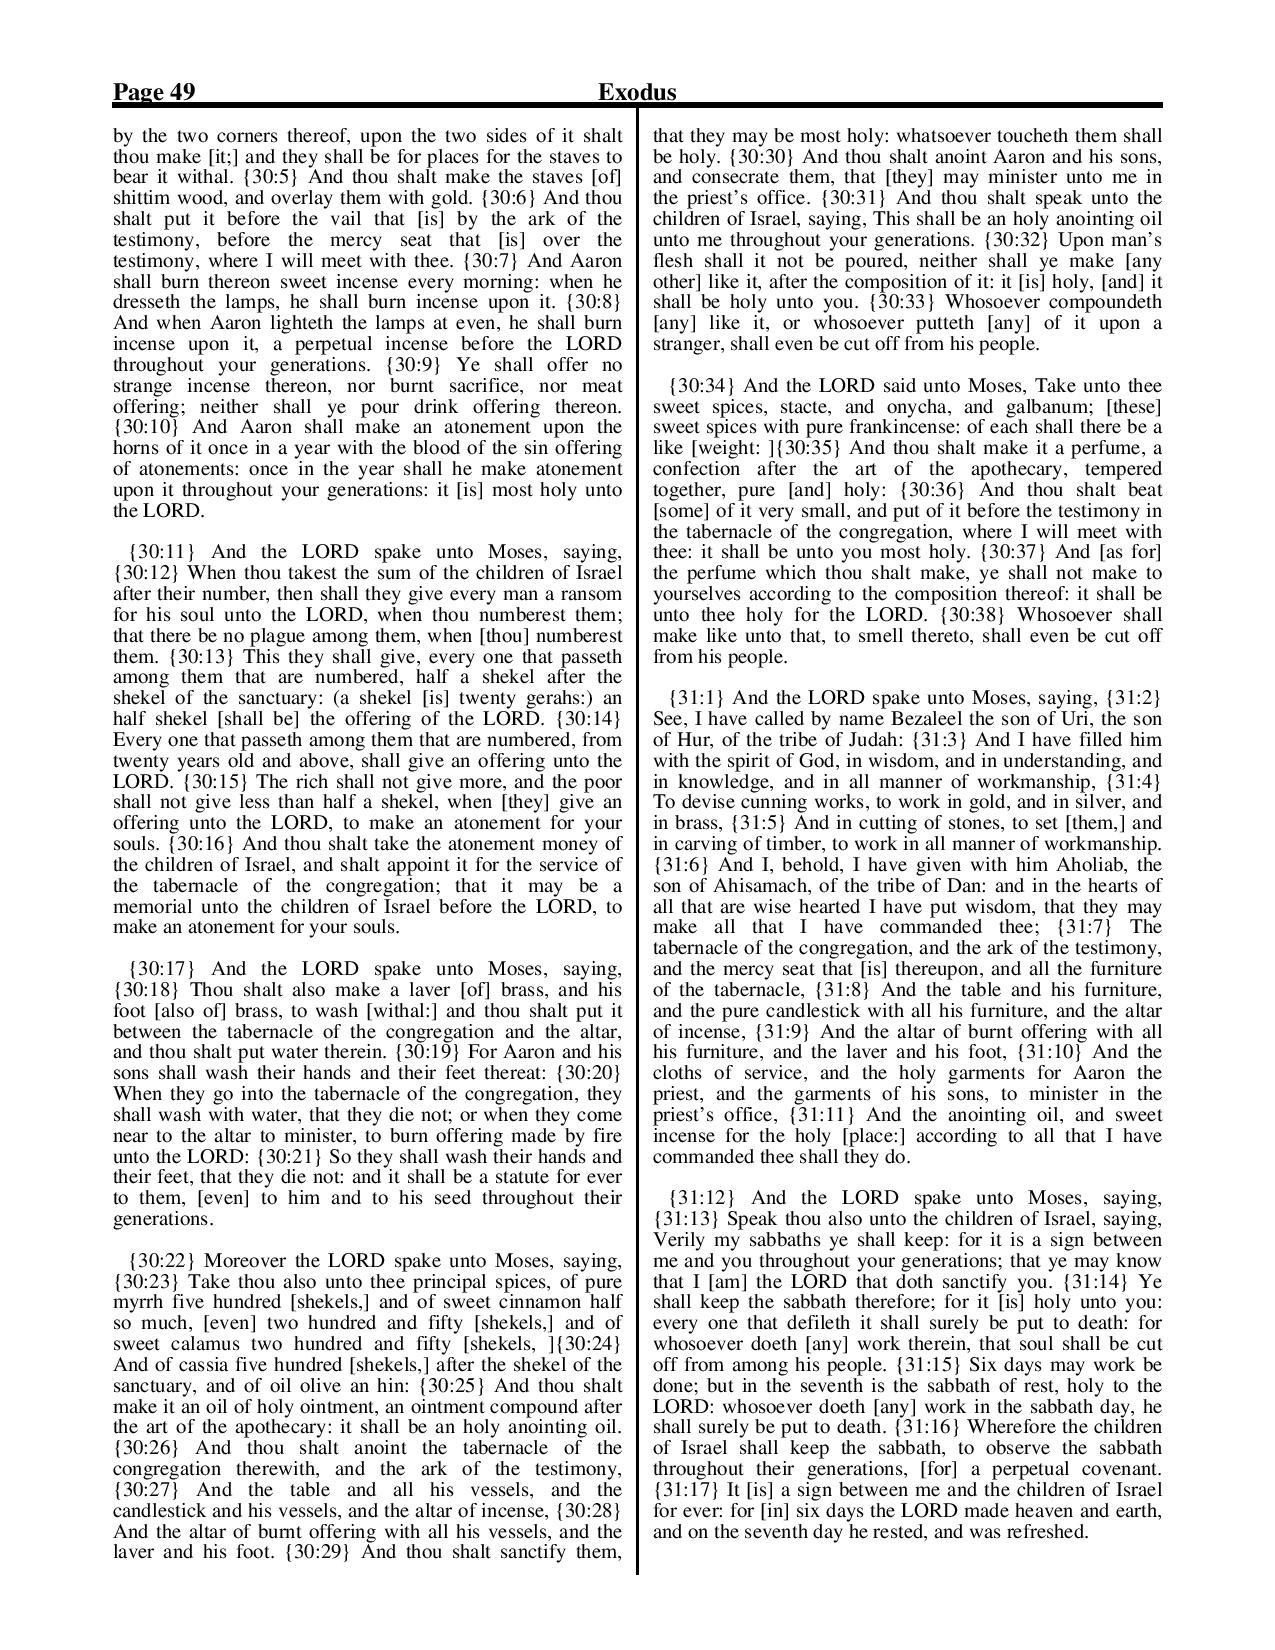 King-James-Bible-KJV-Bible-PDF-page-070